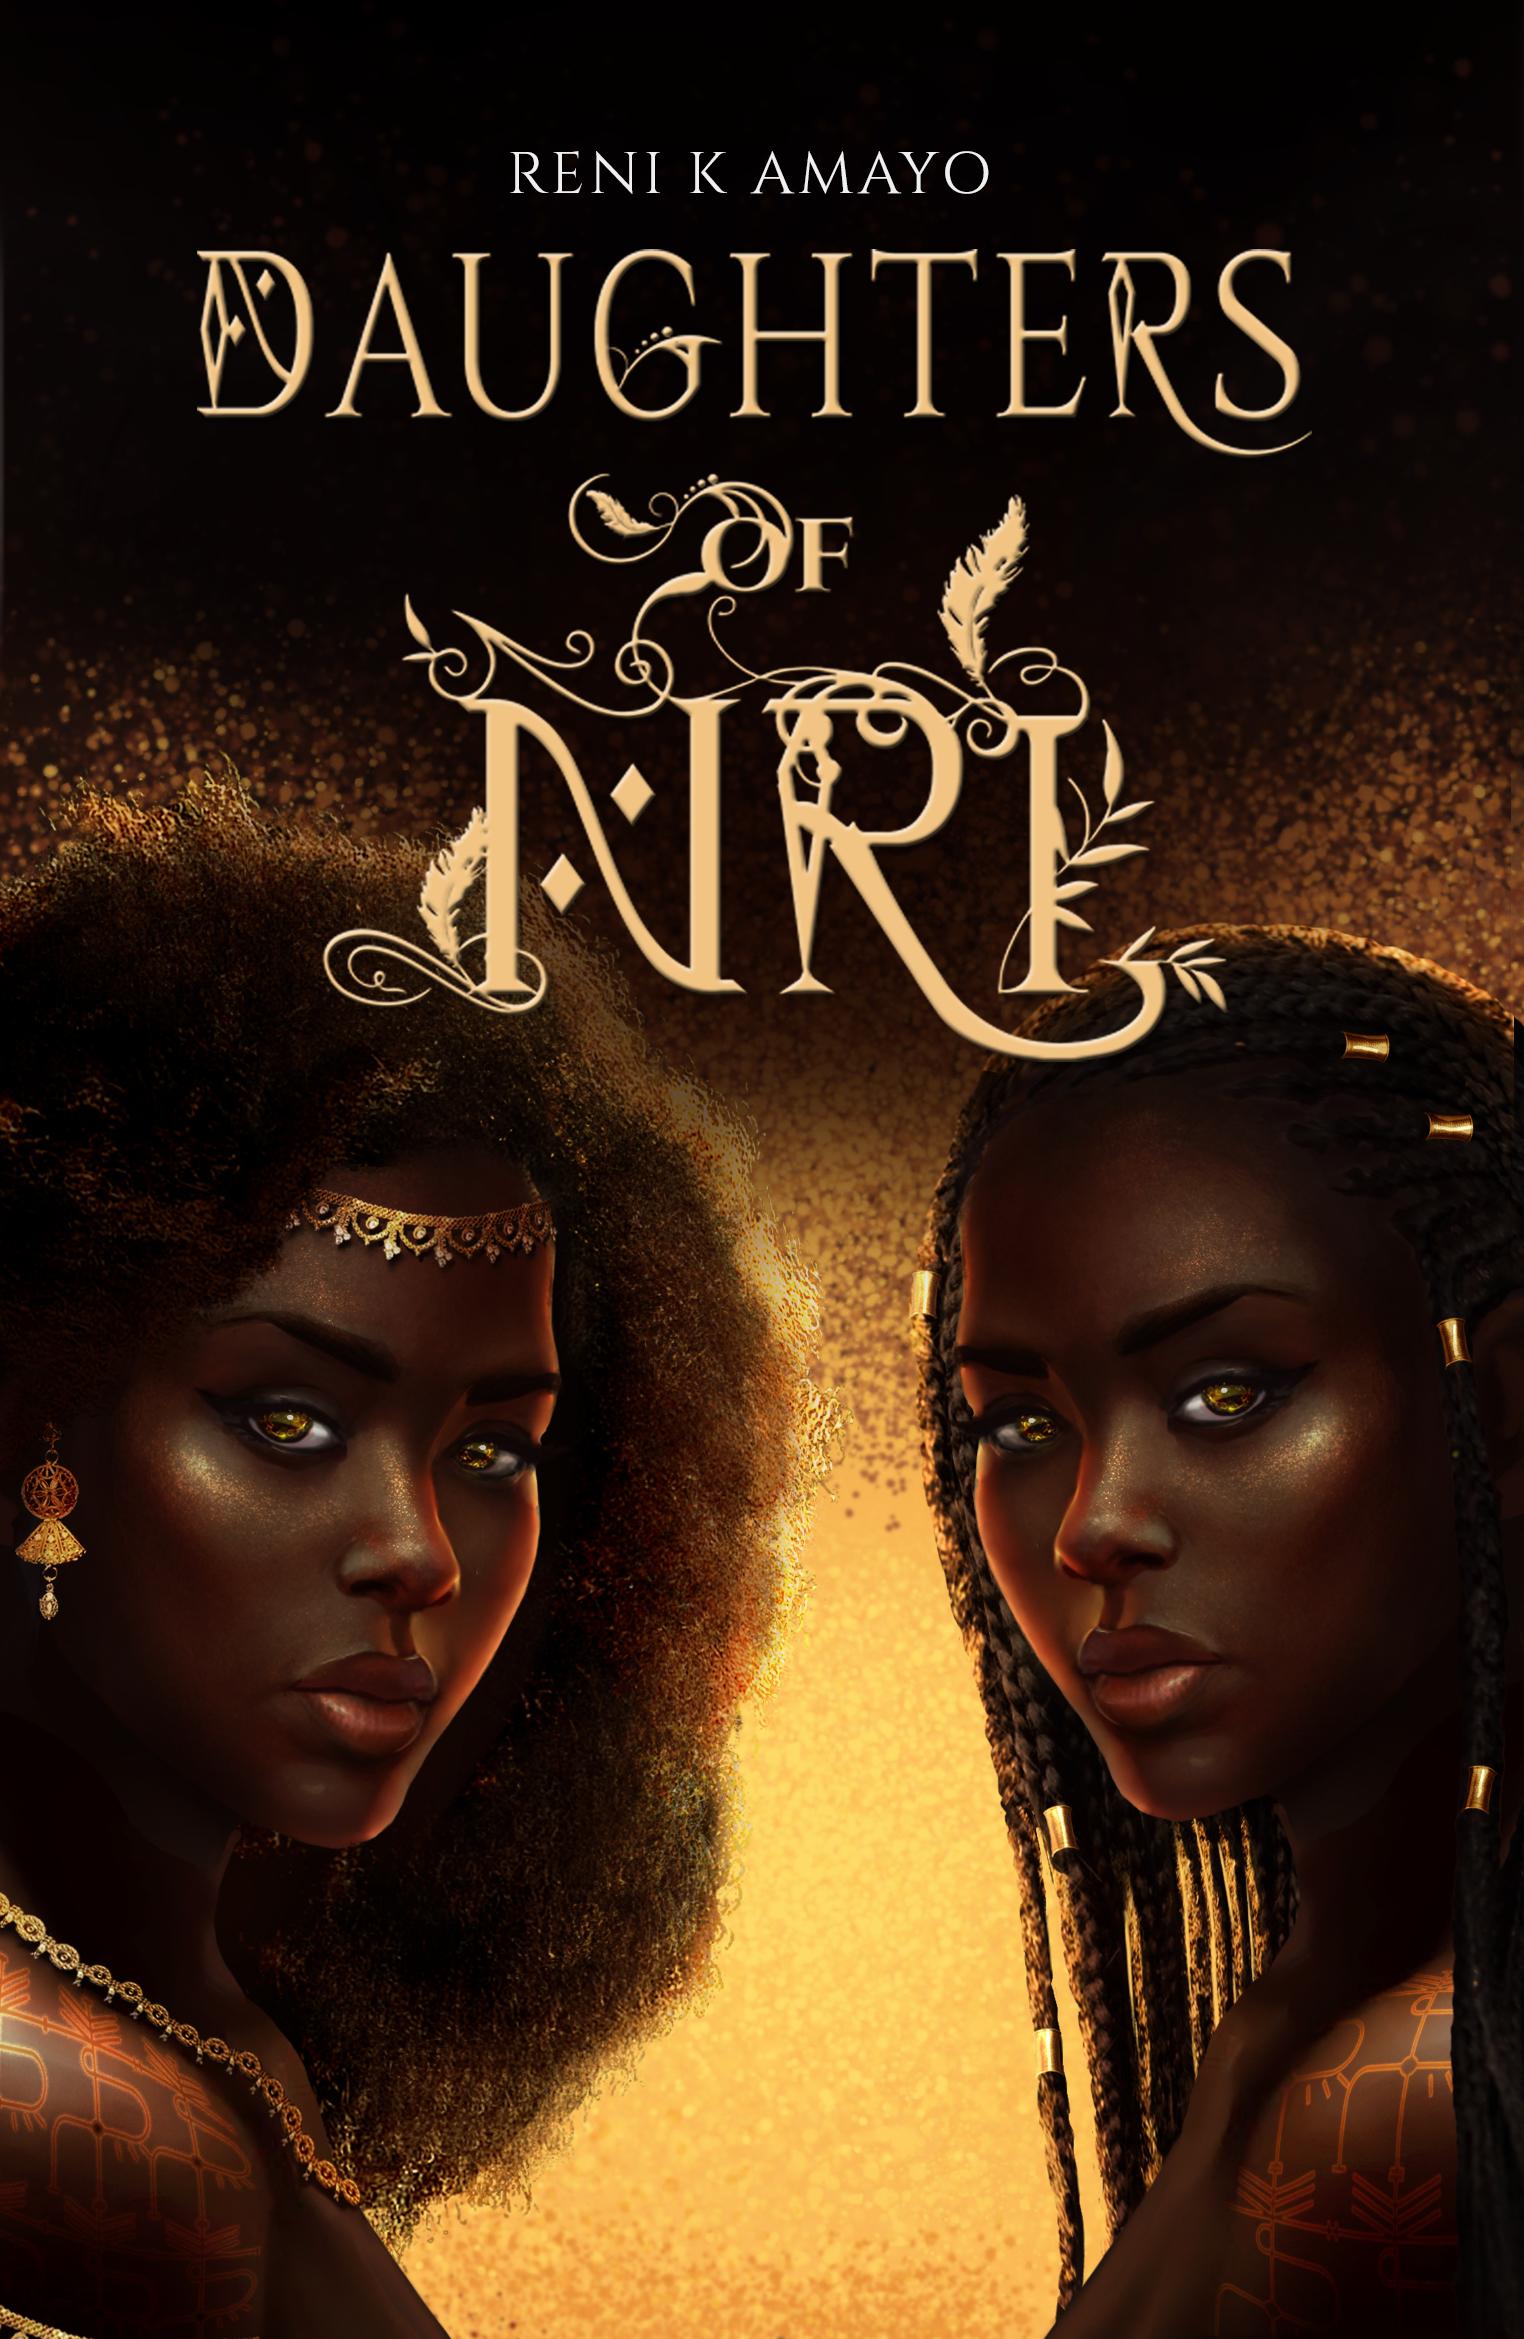 Daughters of Nri Cover (1).JPG